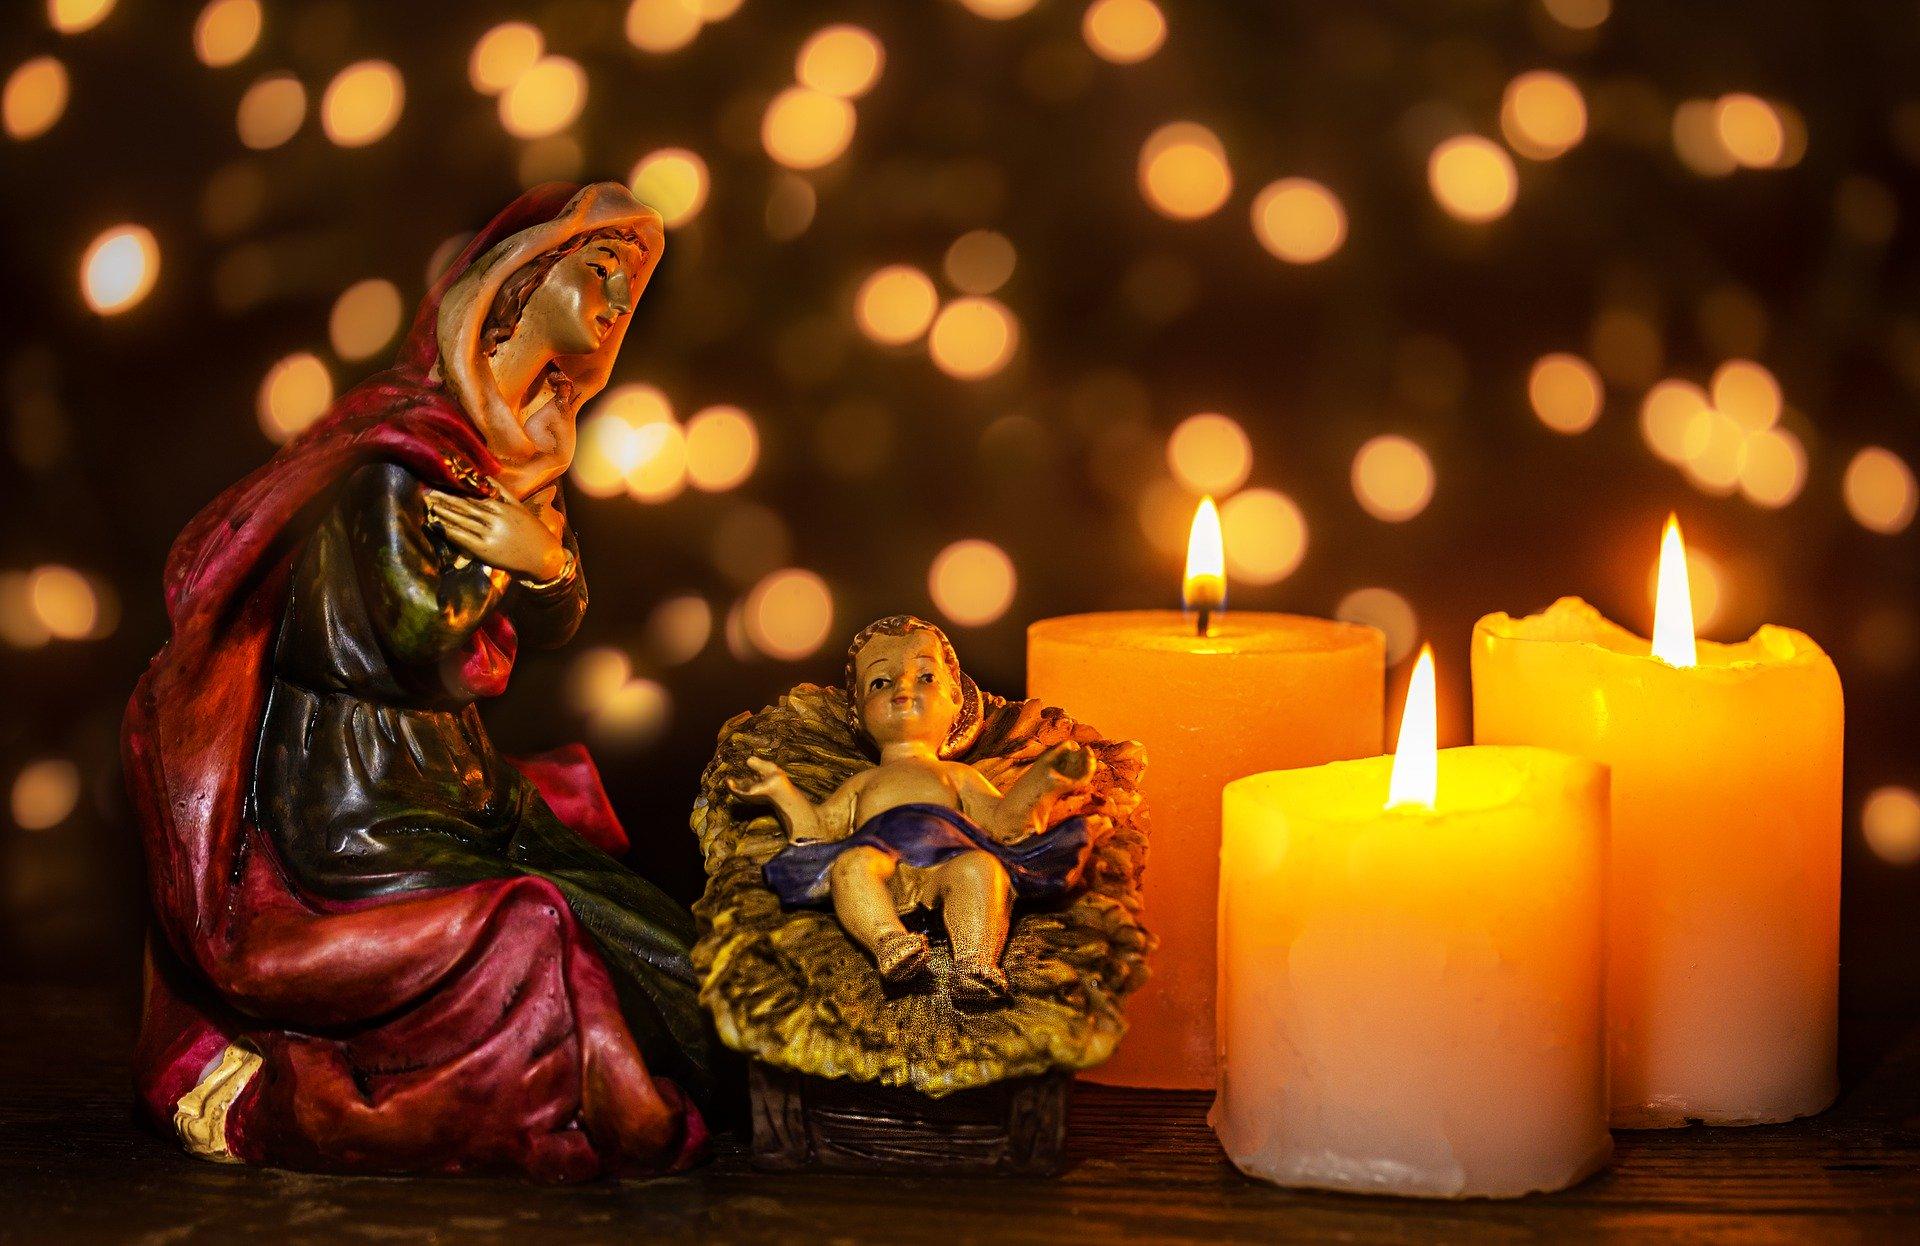 christmas-crib-figures-4709200_1920